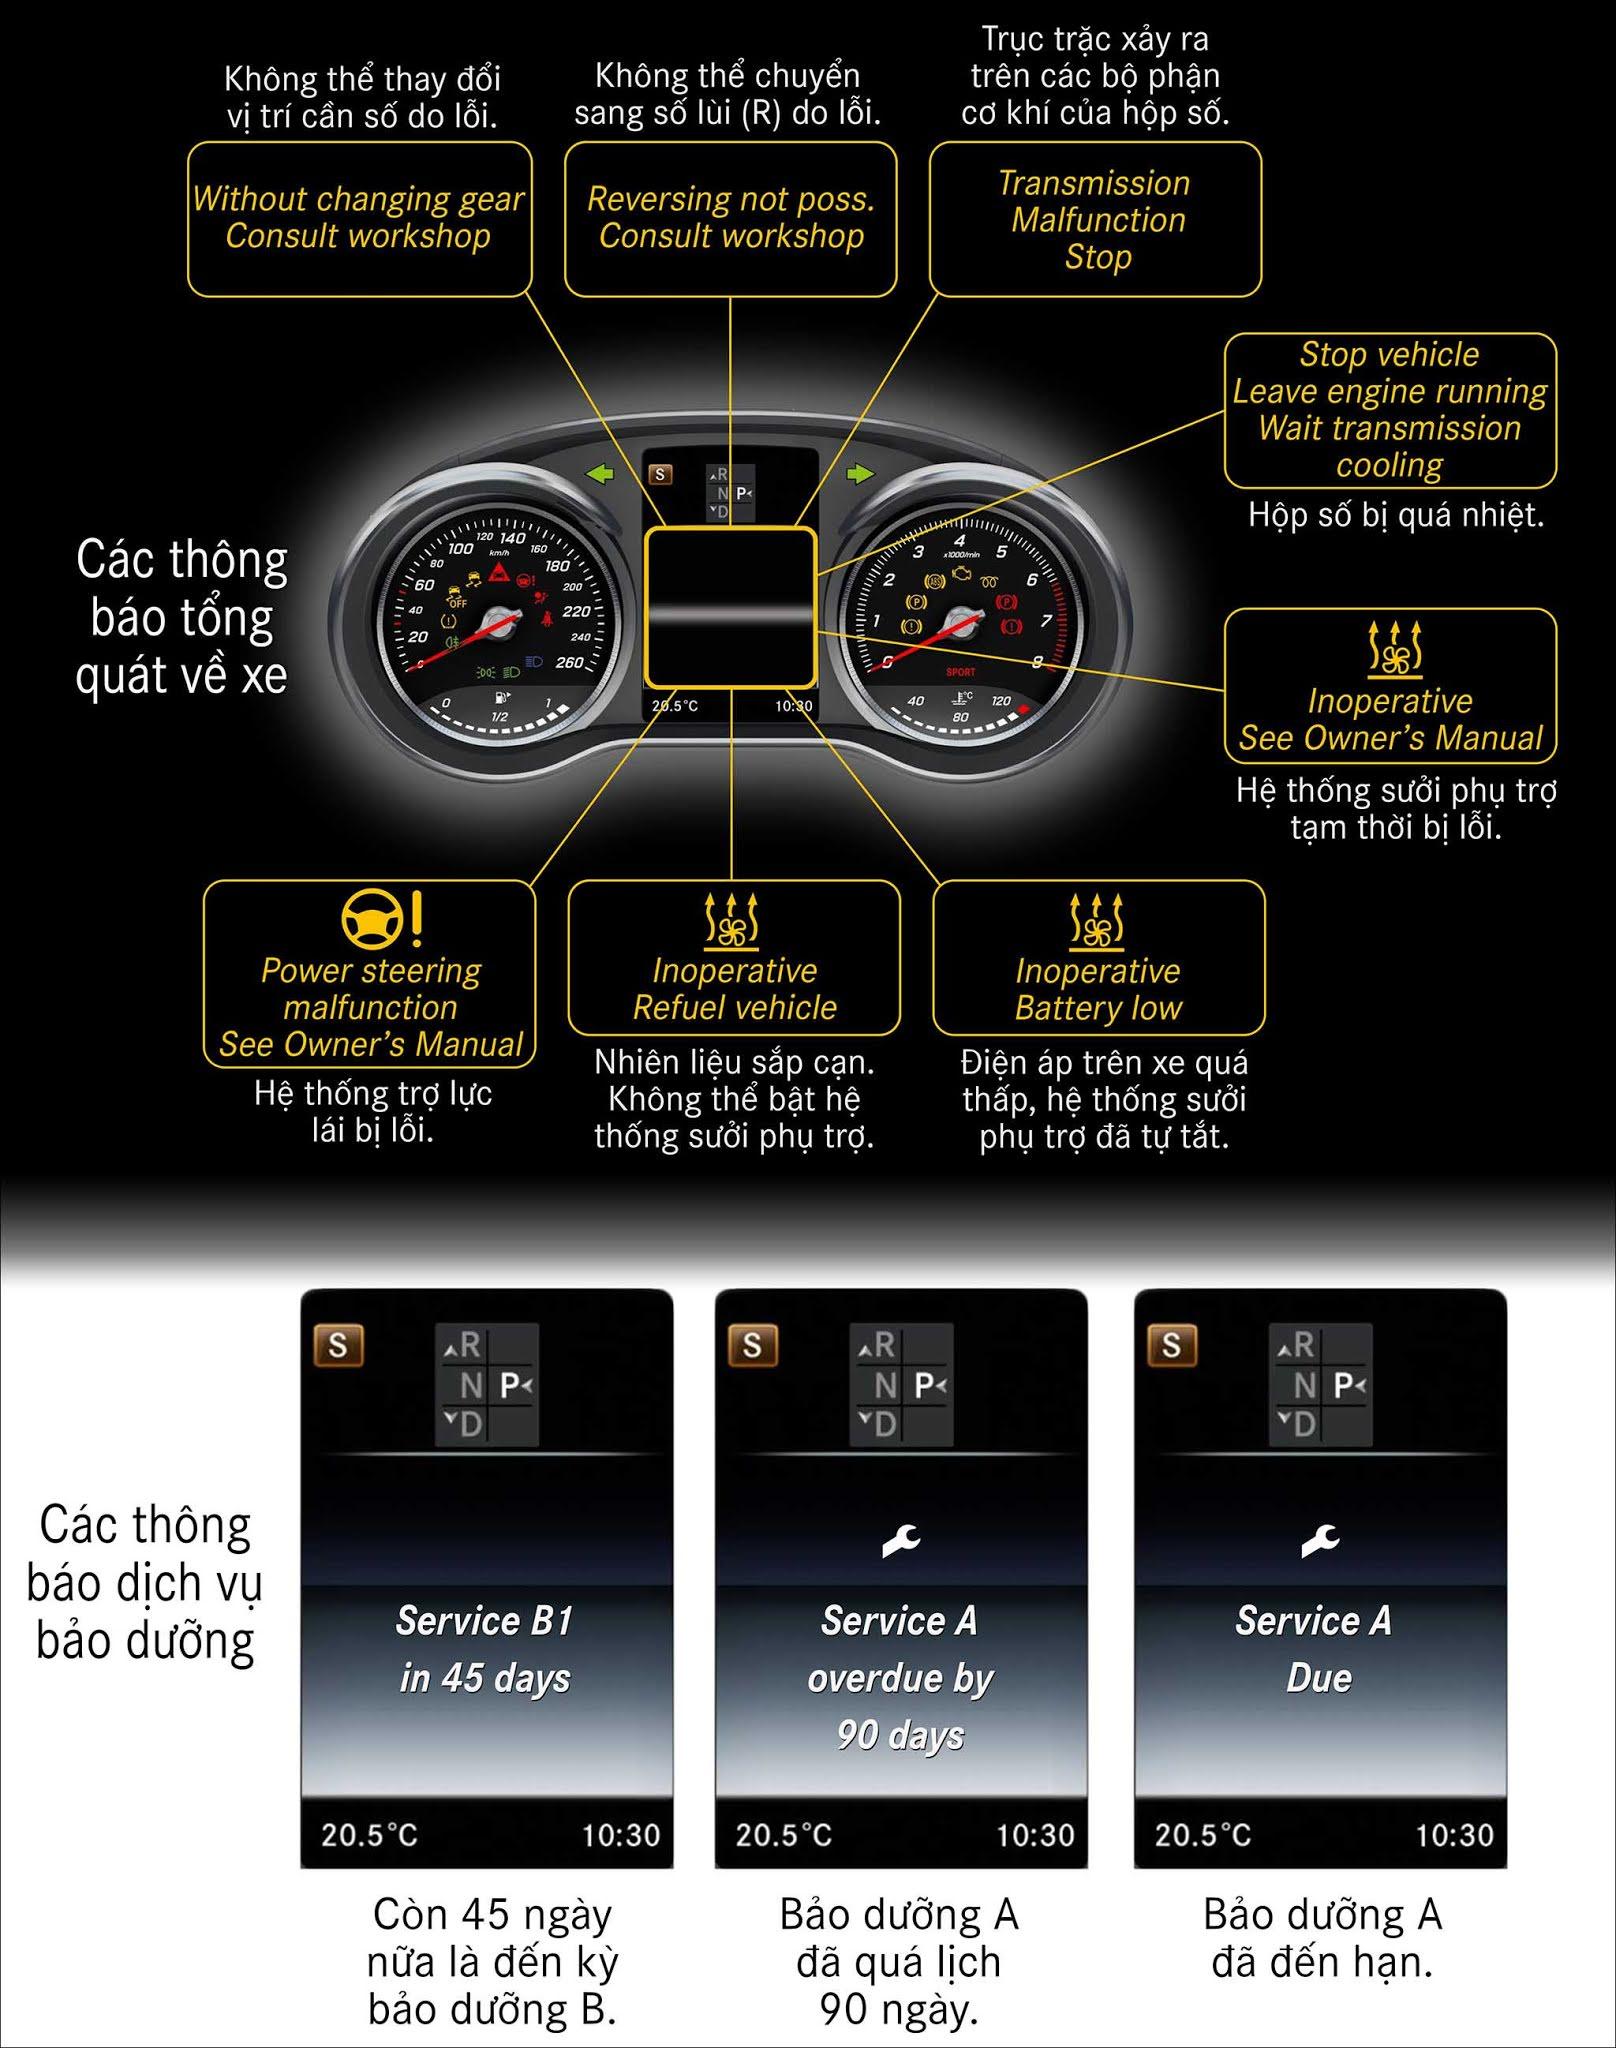 Các thông báo tổng quát về xe